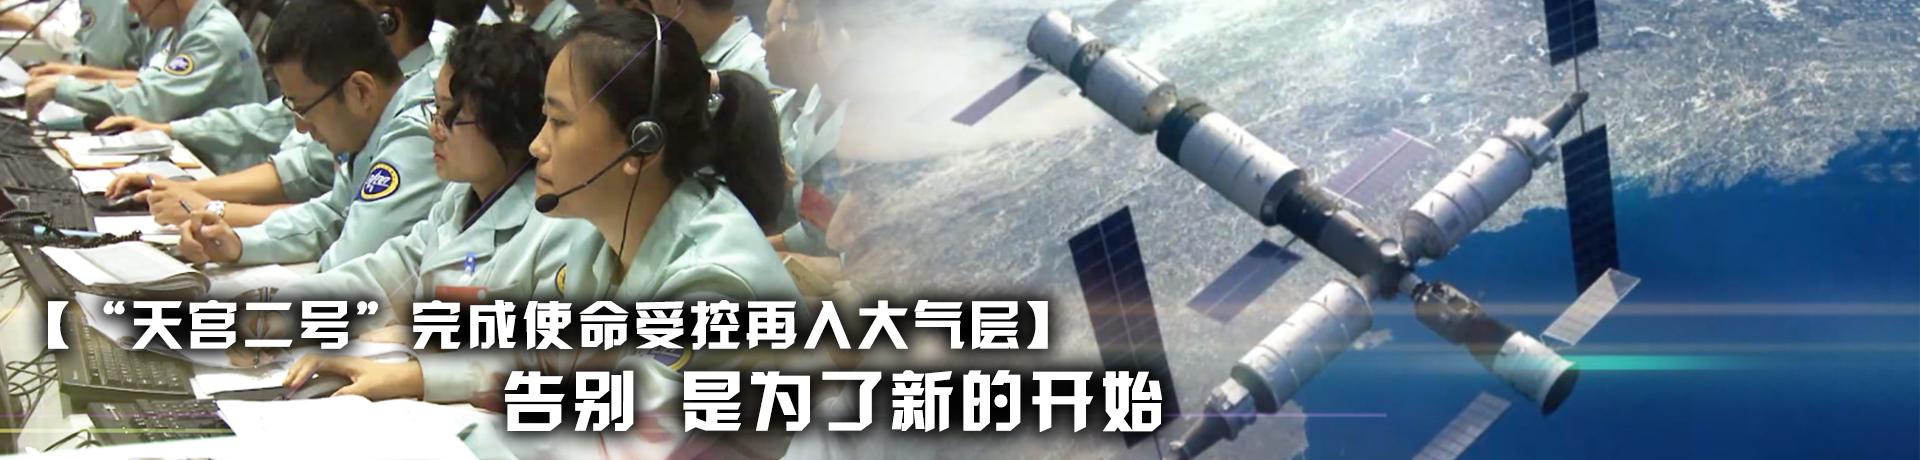 """【""""天宫二号""""完成使命受控再入大气层】告别 是为了新的开始"""